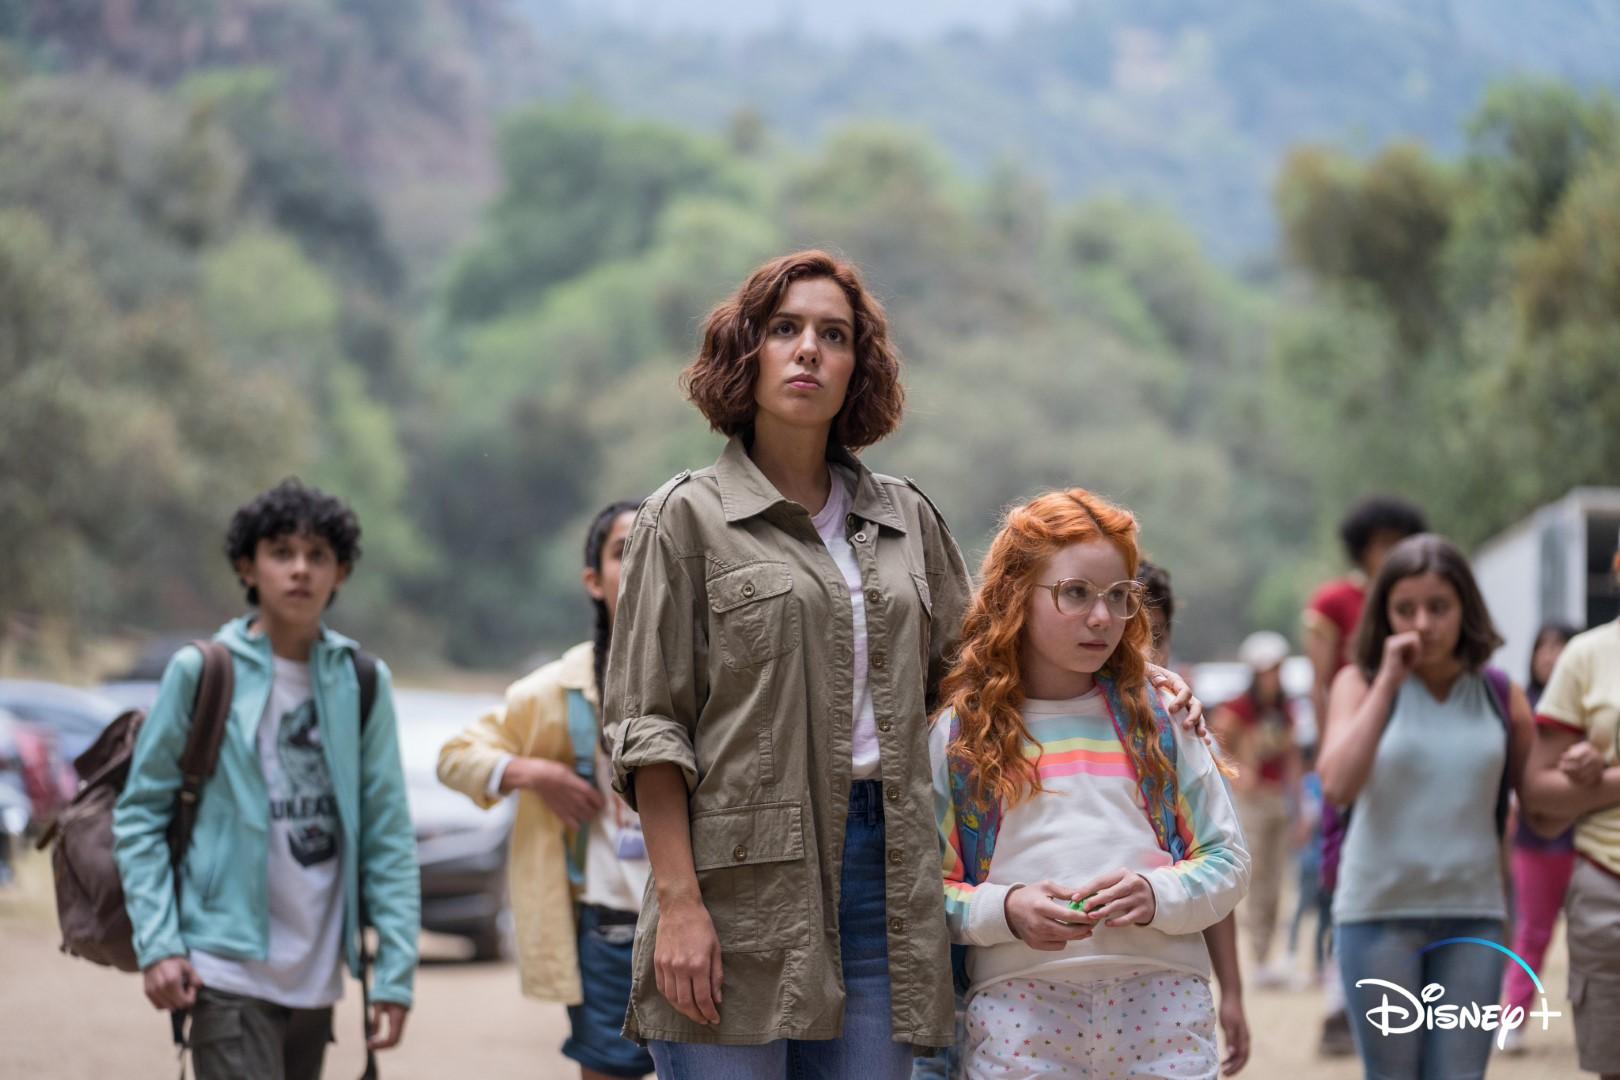 Viagem-ao-Centro-da-Terra-Disney-Plus-7 Viagem ao Centro da Terra: Nova Série Latino-Americana em Breve no Disney+